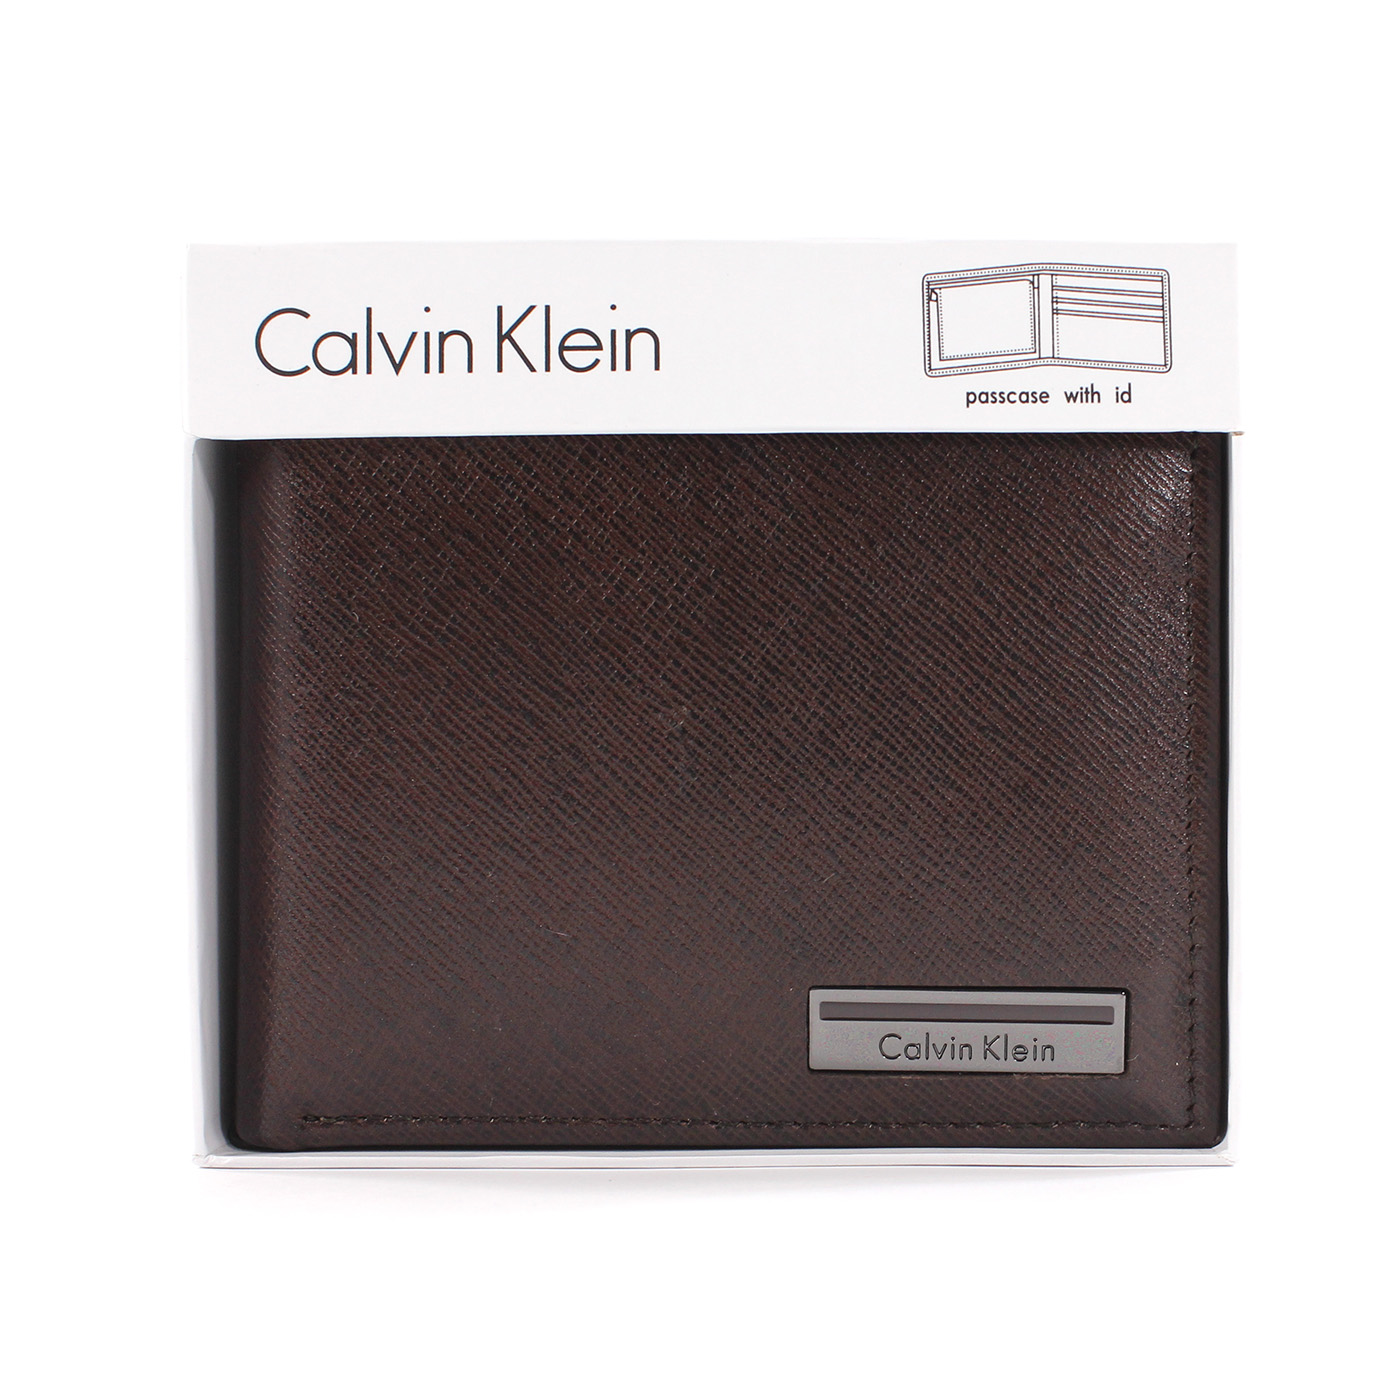 美國百分百【全新真品】Calvin Klein 皮夾 CK 短夾 真皮 菱格紋 小牛皮 質感 鈔票 男夾 咖啡 A682